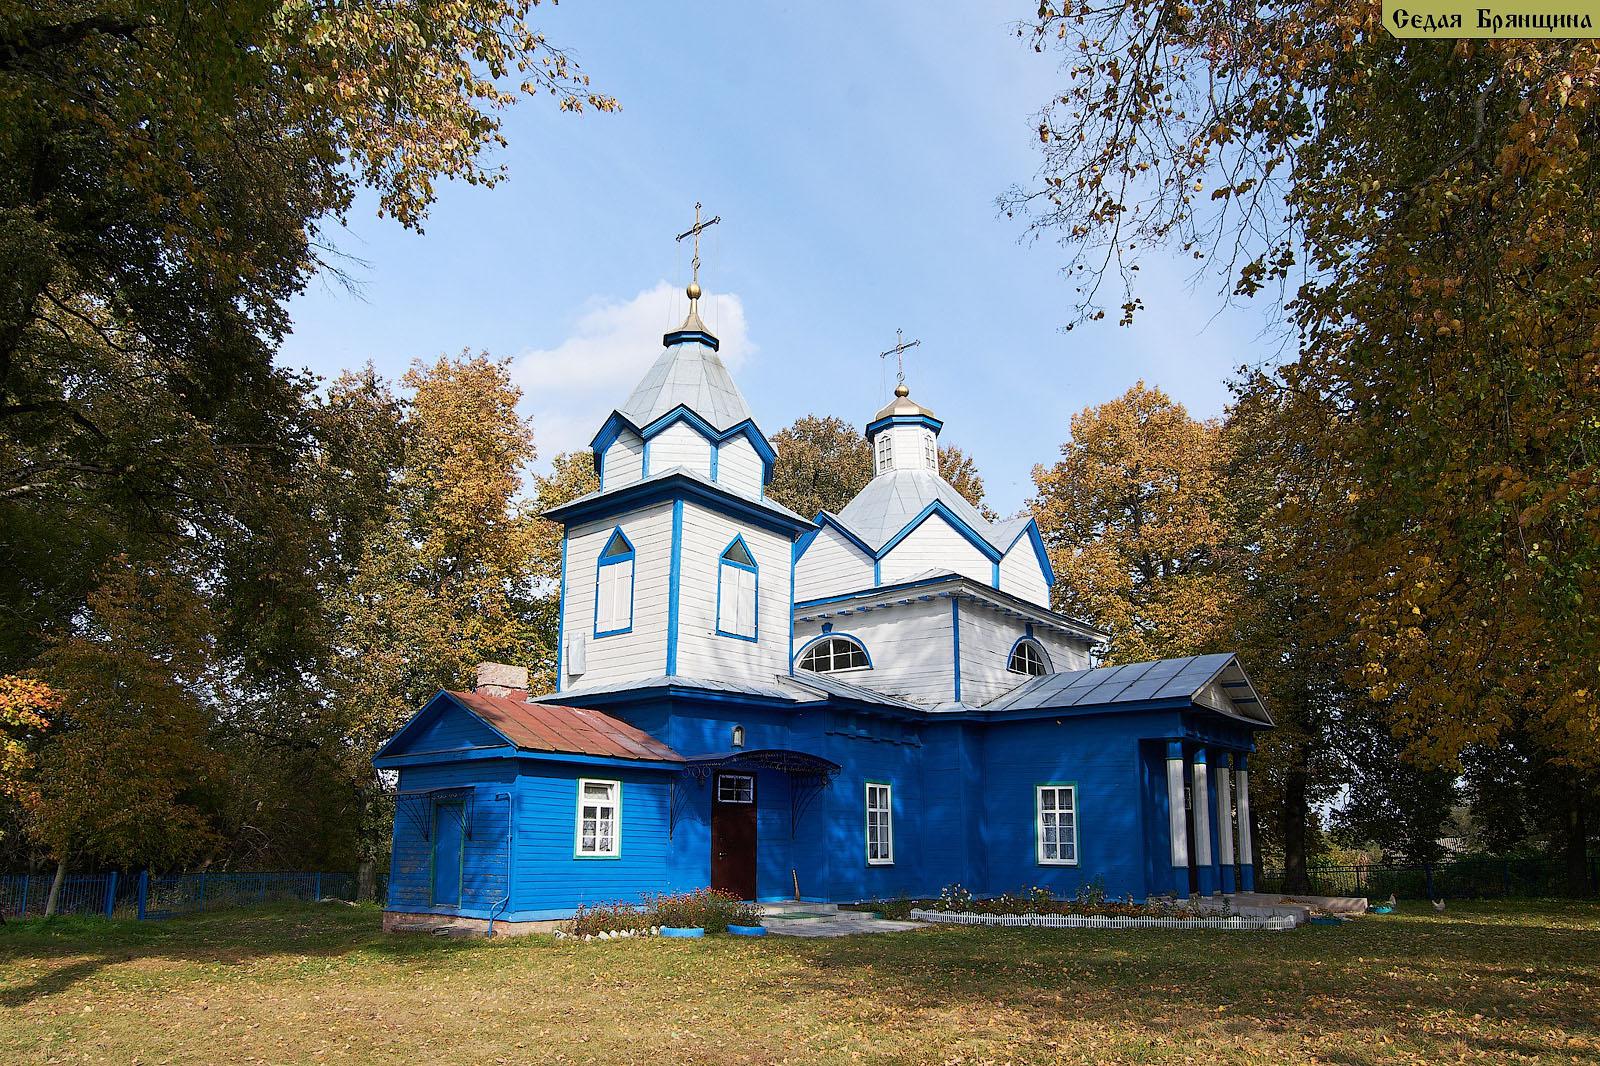 Савостьяны. Церковь Троицы Живоначальной